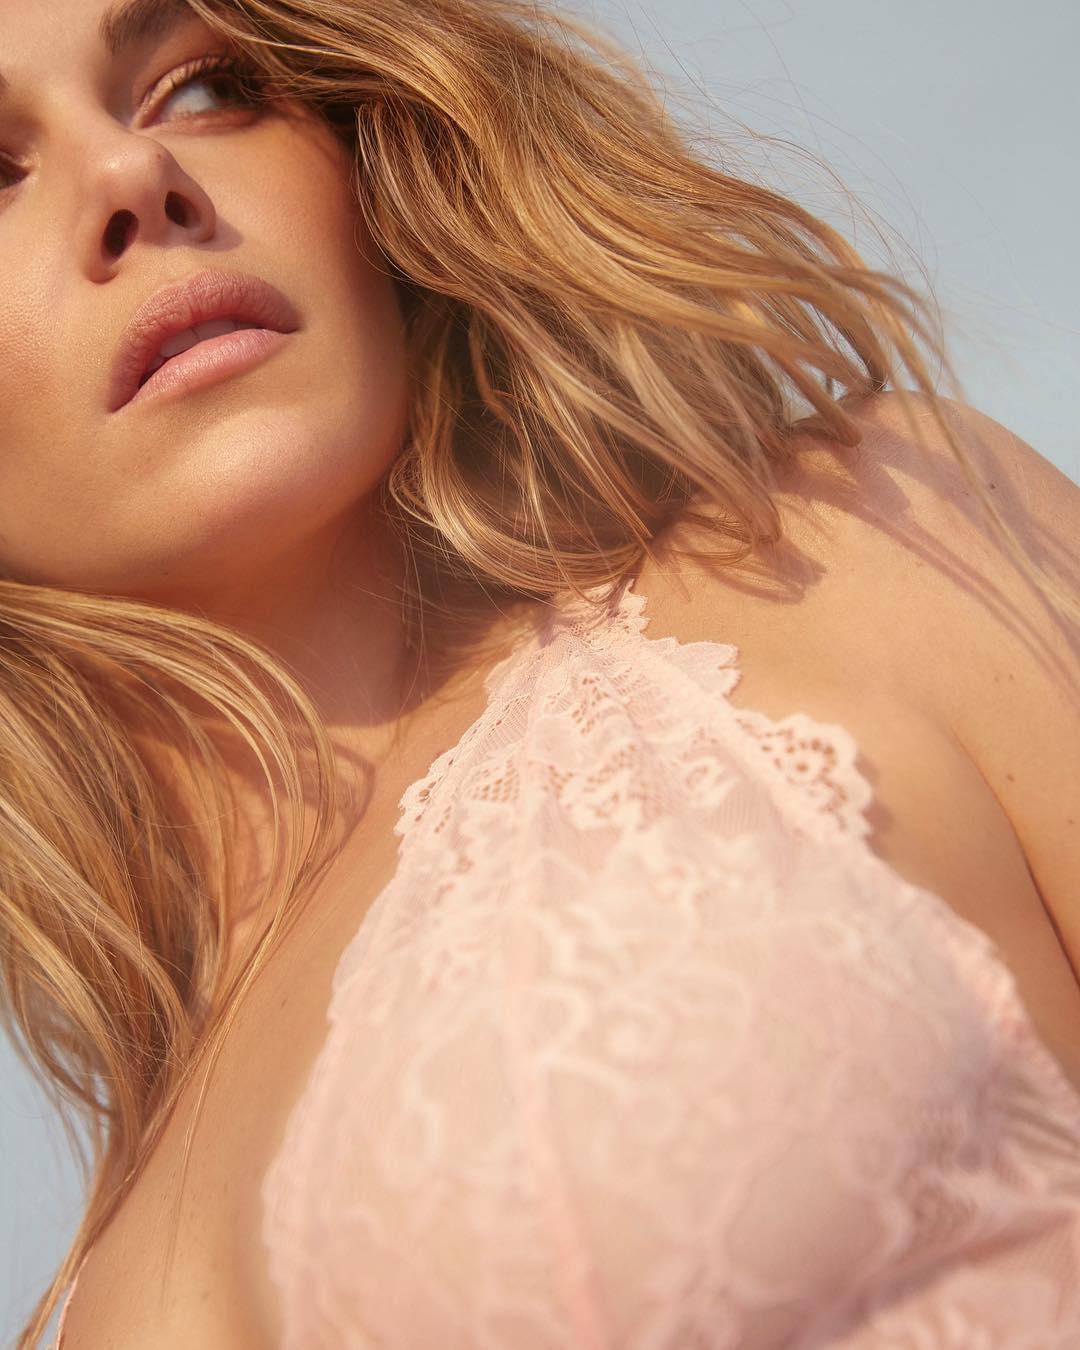 Maripier Morin donne un aperçu de sa nouvelle collection de lingerie avec Blush